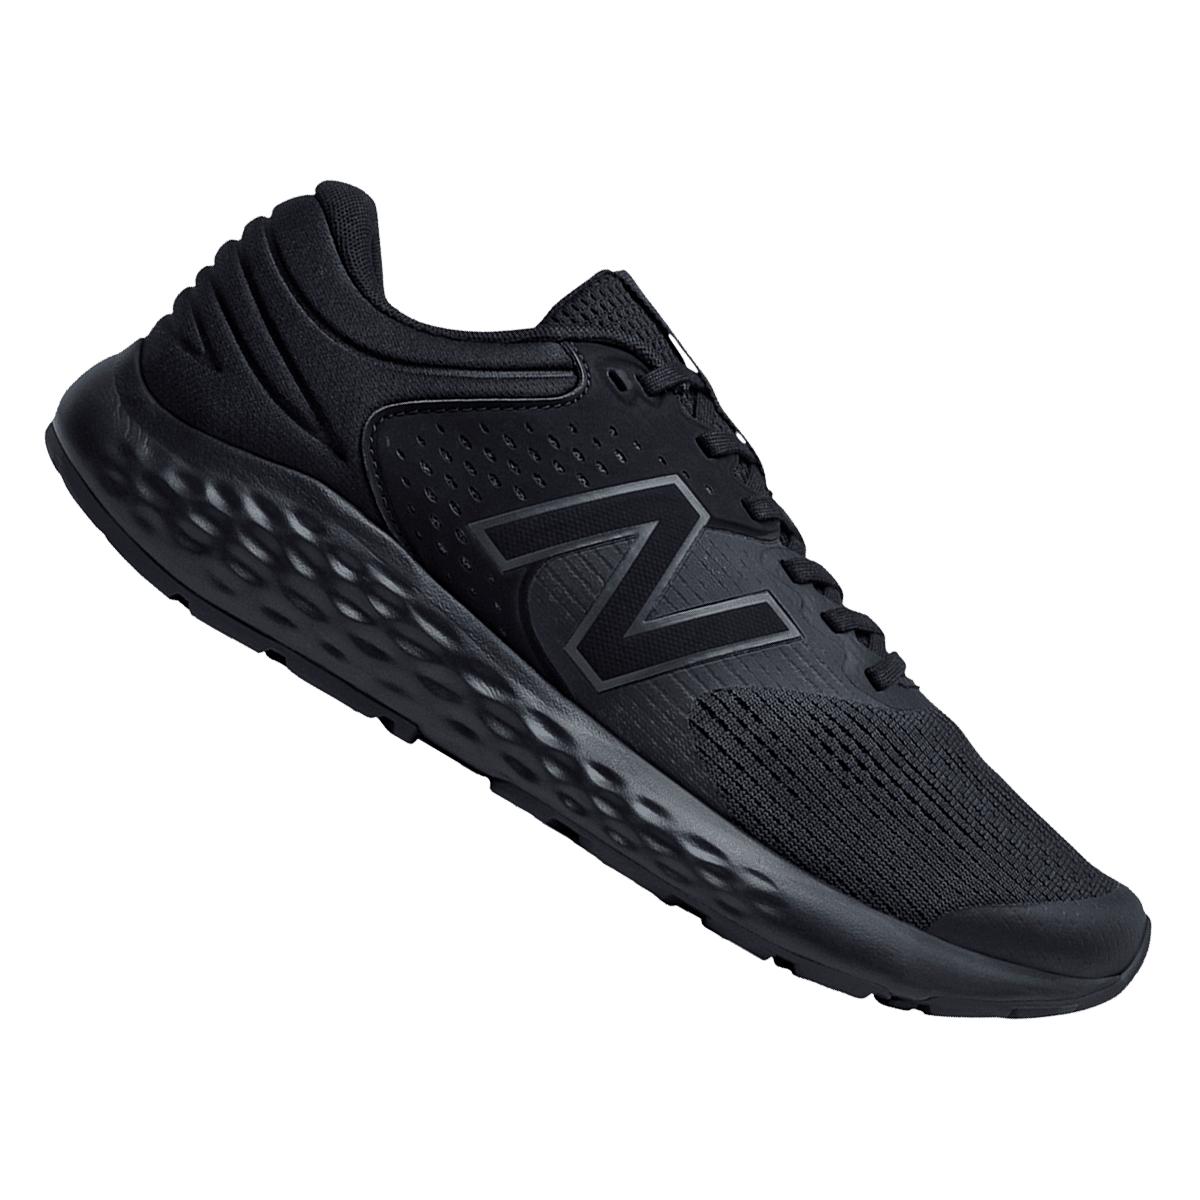 New Balance Schuh Fresh Foam 520 v7 schwarz // edit: nur noch Größen 41,4 / 42 / 42,5